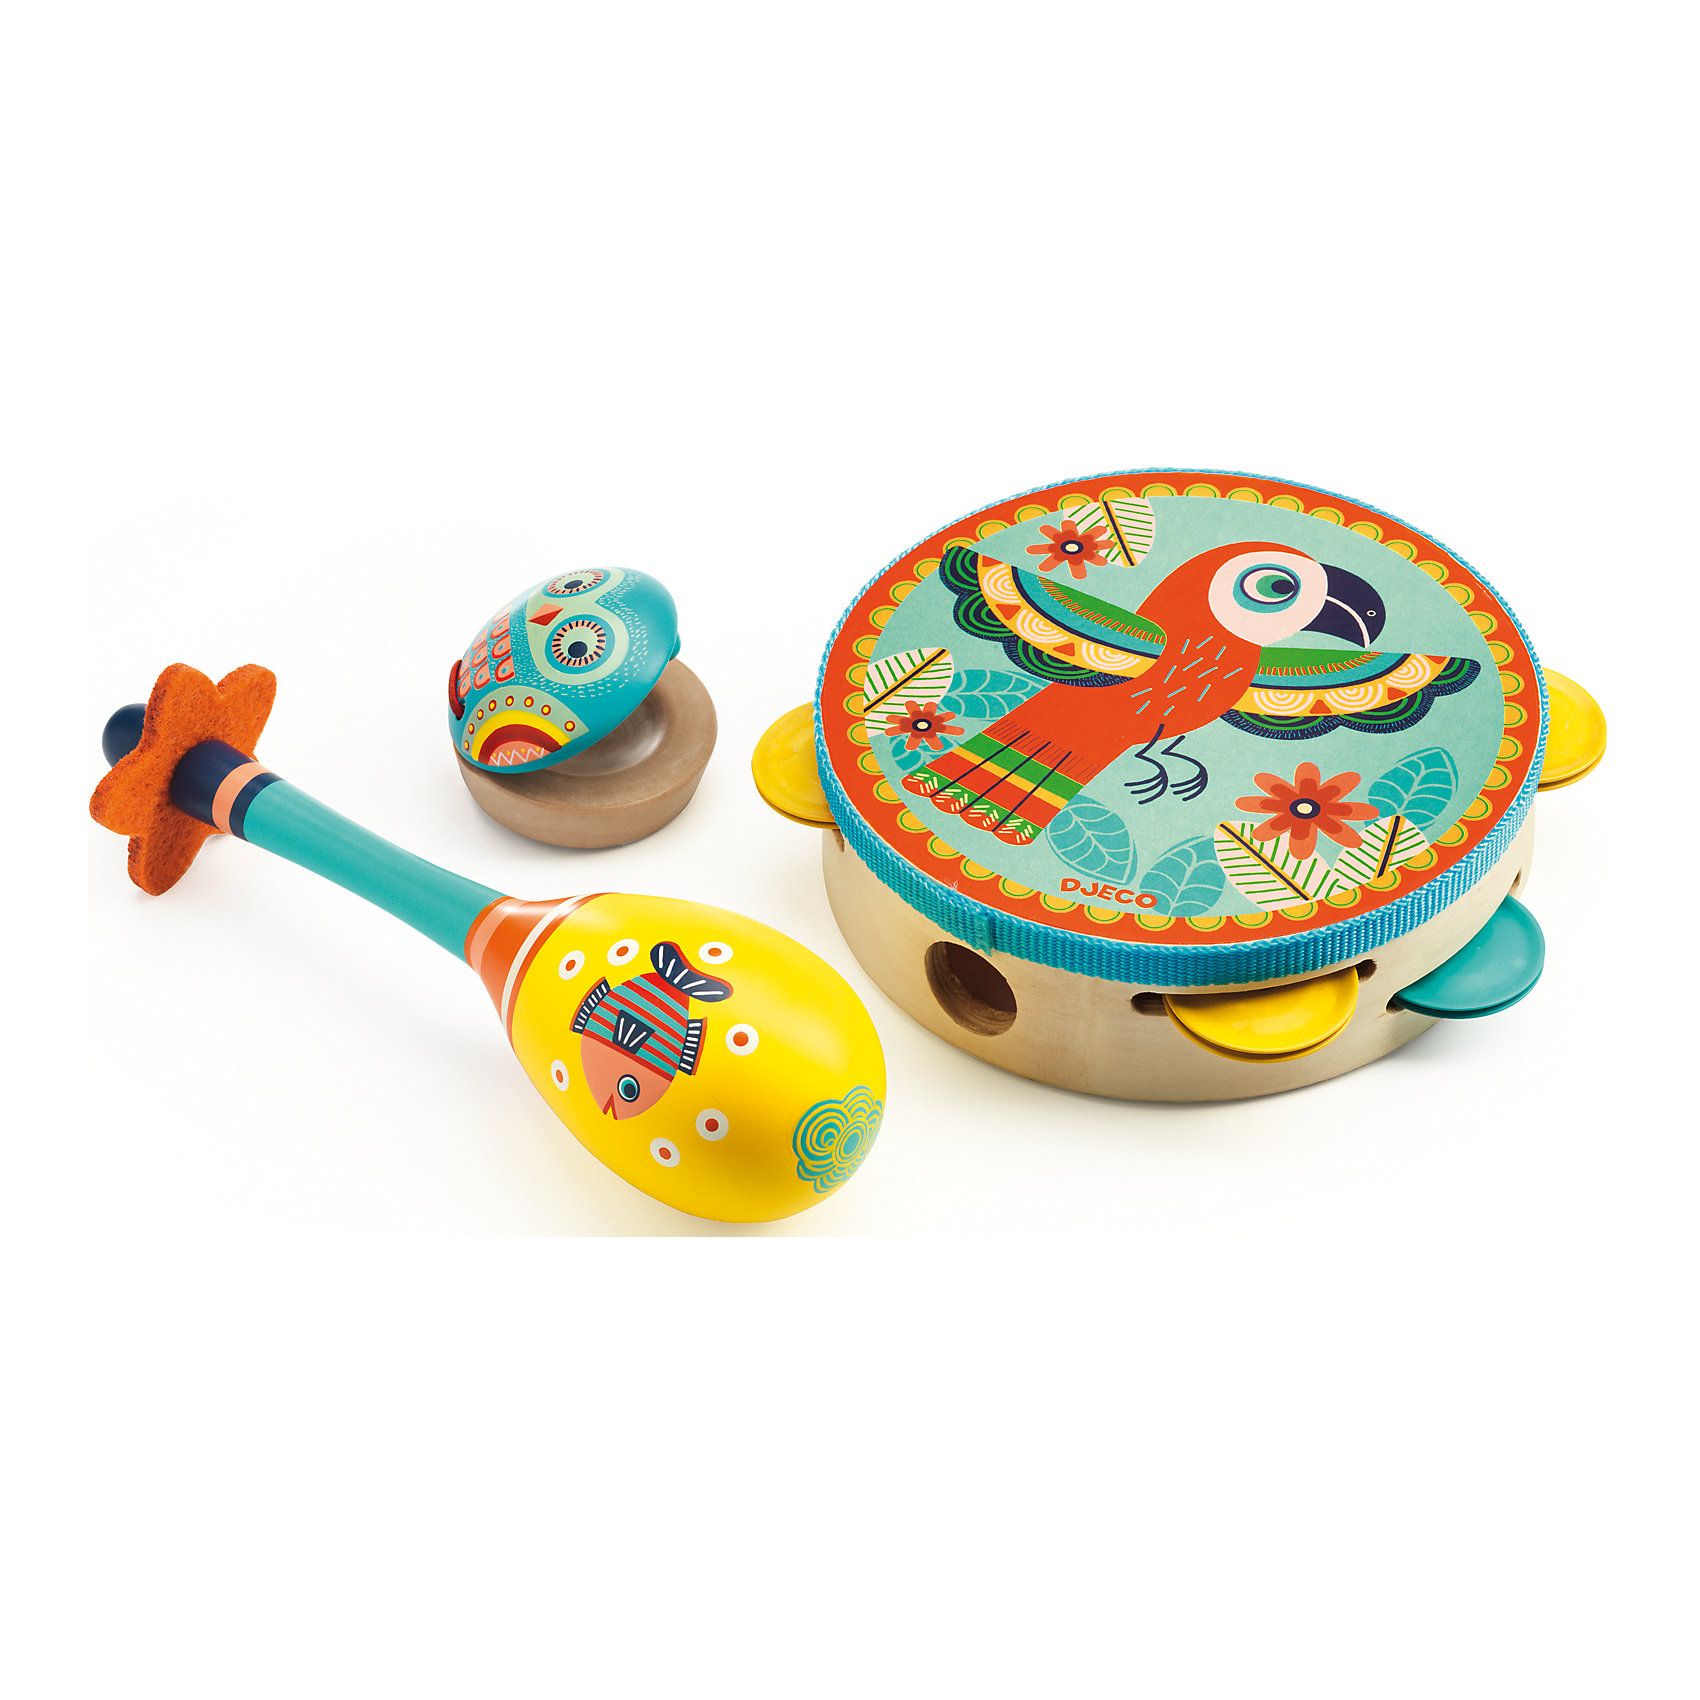 Набор музыкальных инструментов, DJECOДетские музыкальные инструменты<br>Набор музыкальных инструментов от французского производителя Djeco – великолепный набор, состоящий из маракаса, кастаньет и бубна, с помощью которого ребенок будет развивать свои творческие и музыкальные способности. <br><br>Все инструменты в наборе очень яркие и красочные. На их корпусе изображены забавные животные, а также различные орнаменты и узоры. На этих инструментах можно играть как в одиночку, так и в компании, создав свой собственный импровизированный мини-оркестр! <br><br>Игра на детских музыкальных инструментах прекрасно развивает музыкальный слух, творческие способности малыша, координацию движений и детскую моторику.<br><br>Ширина мм: 310<br>Глубина мм: 170<br>Высота мм: 60<br>Вес г: 600<br>Возраст от месяцев: 36<br>Возраст до месяцев: 1188<br>Пол: Унисекс<br>Возраст: Детский<br>SKU: 4761456